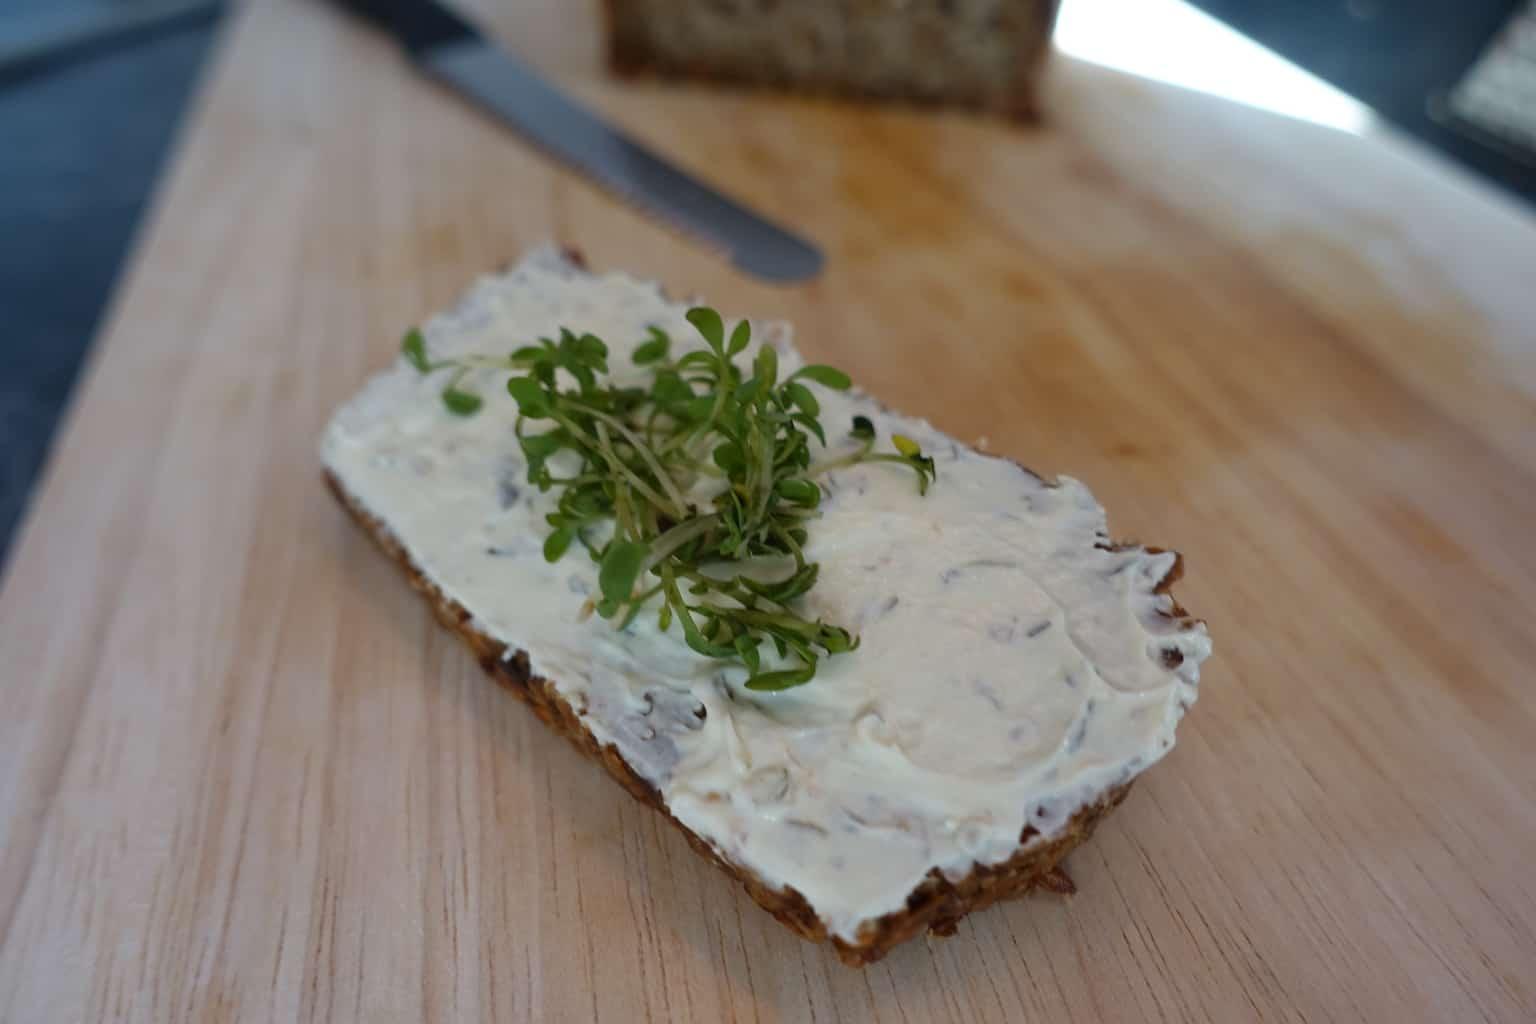 Das unglaublich leckere vegane Brot, welches mich zum Frühstück motiviert